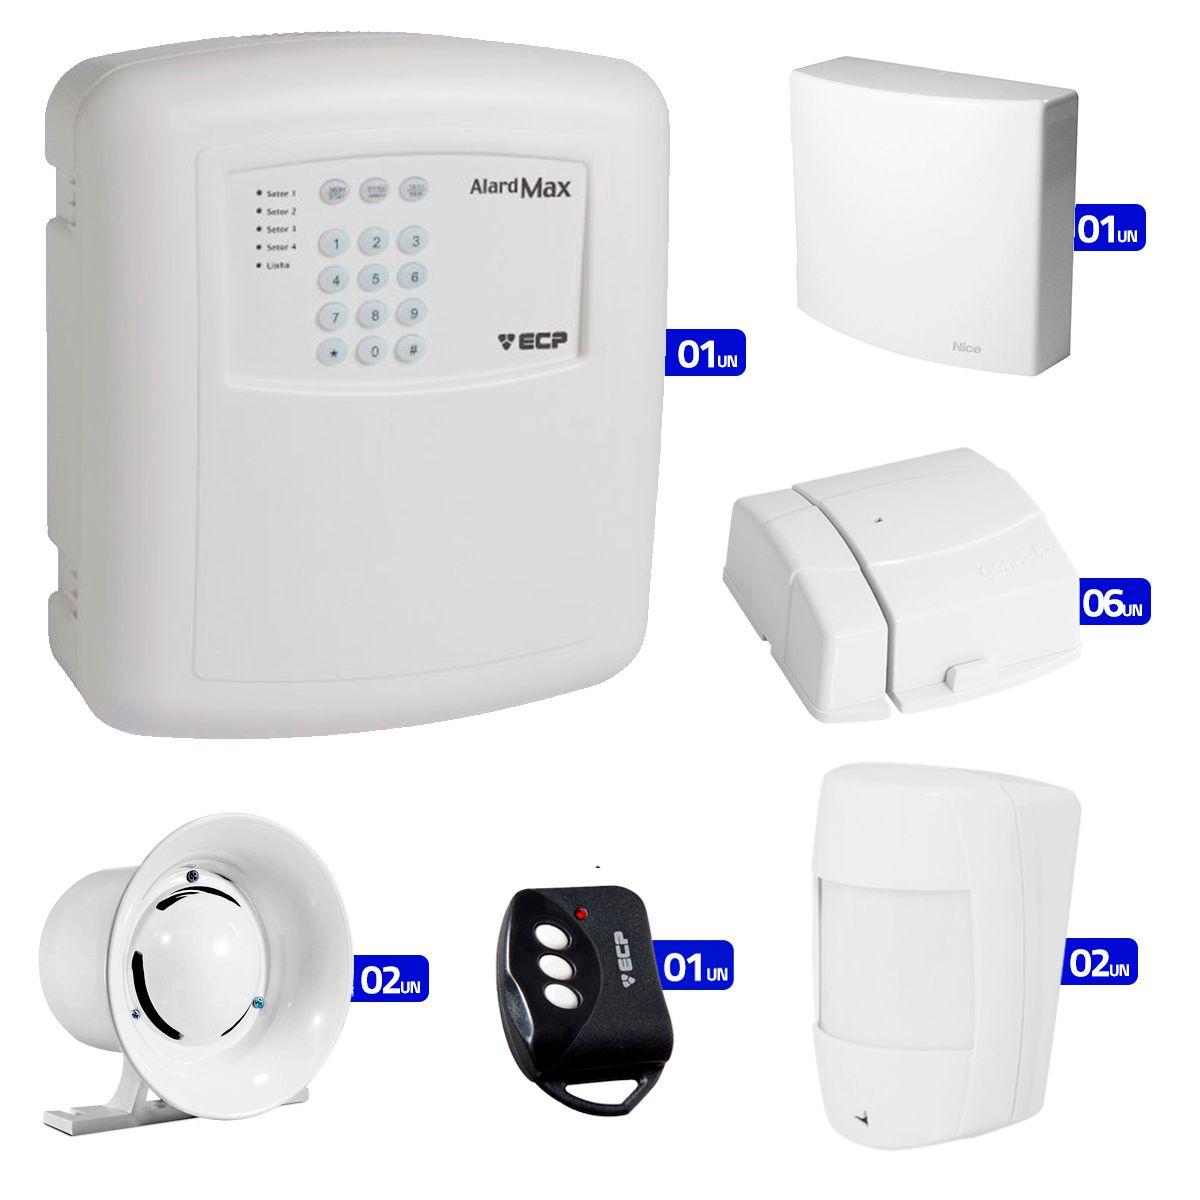 Kit de Alarme Residencial, Comercial com 08 Sensores sem fio ECP e Controle Remoto, Liga/Desliga por Celular Android  - Tudo Forte